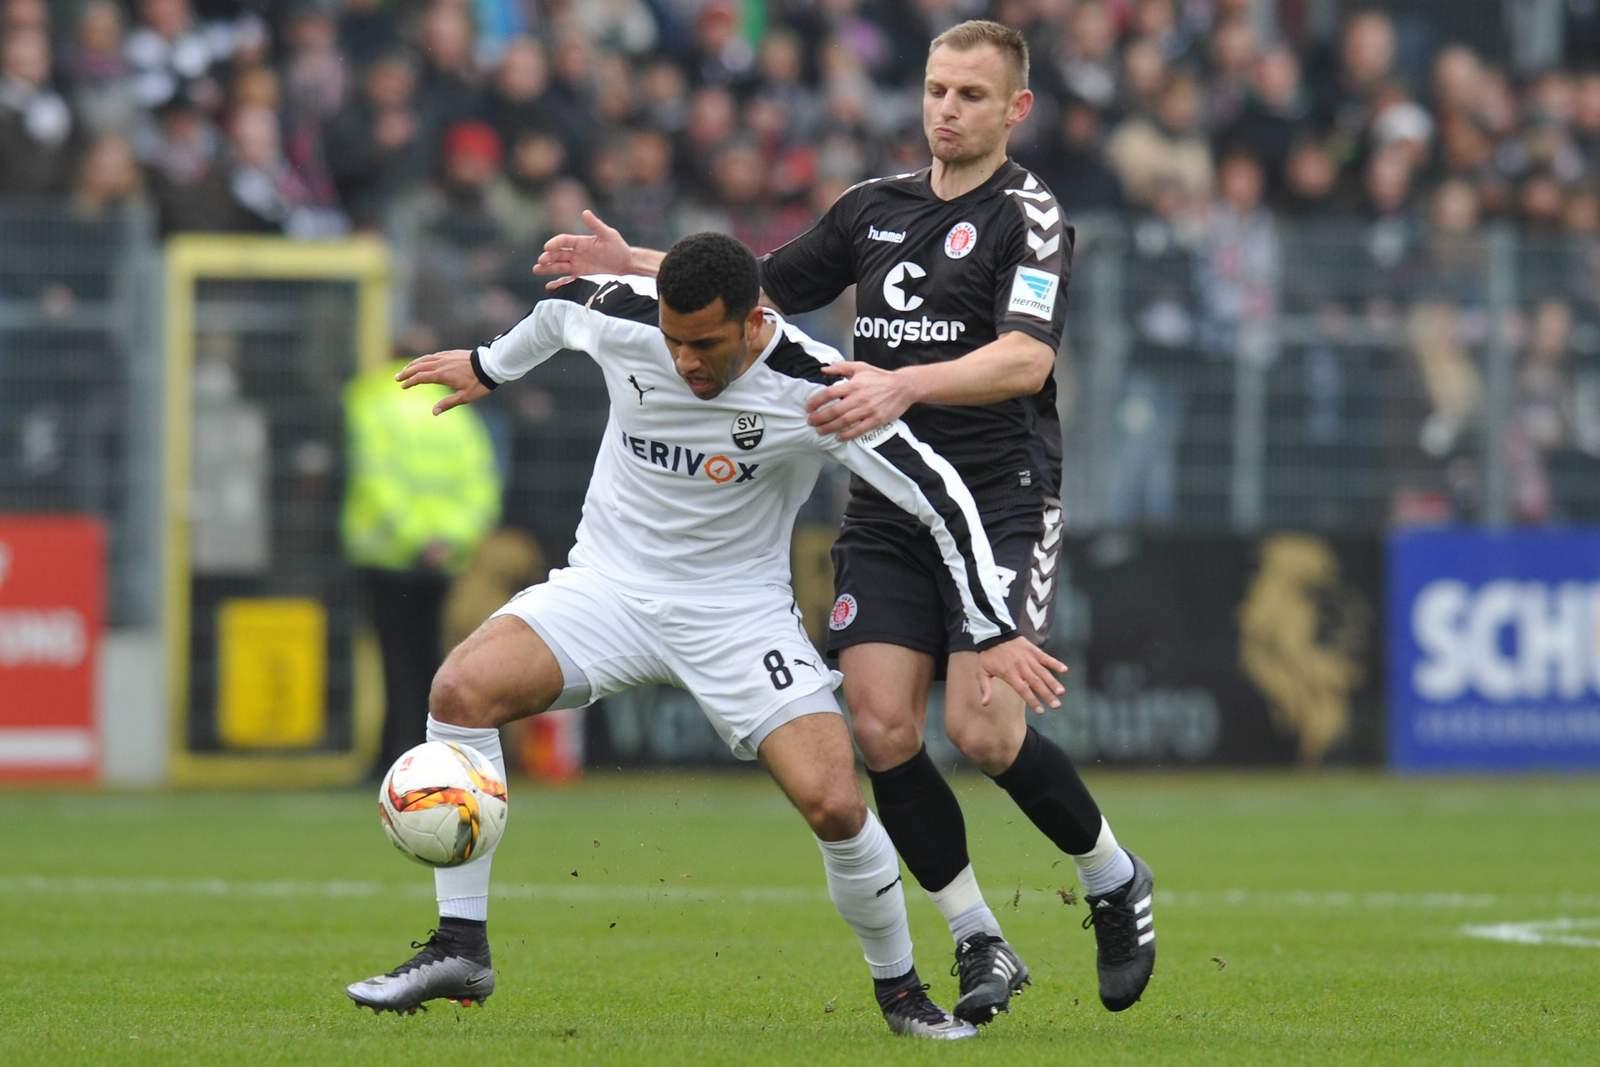 Zweikampf zwischen Andrew Wooten und Bernd Nehrig. Jetzt auf St. Pauli gegen Sandhausen wetten!